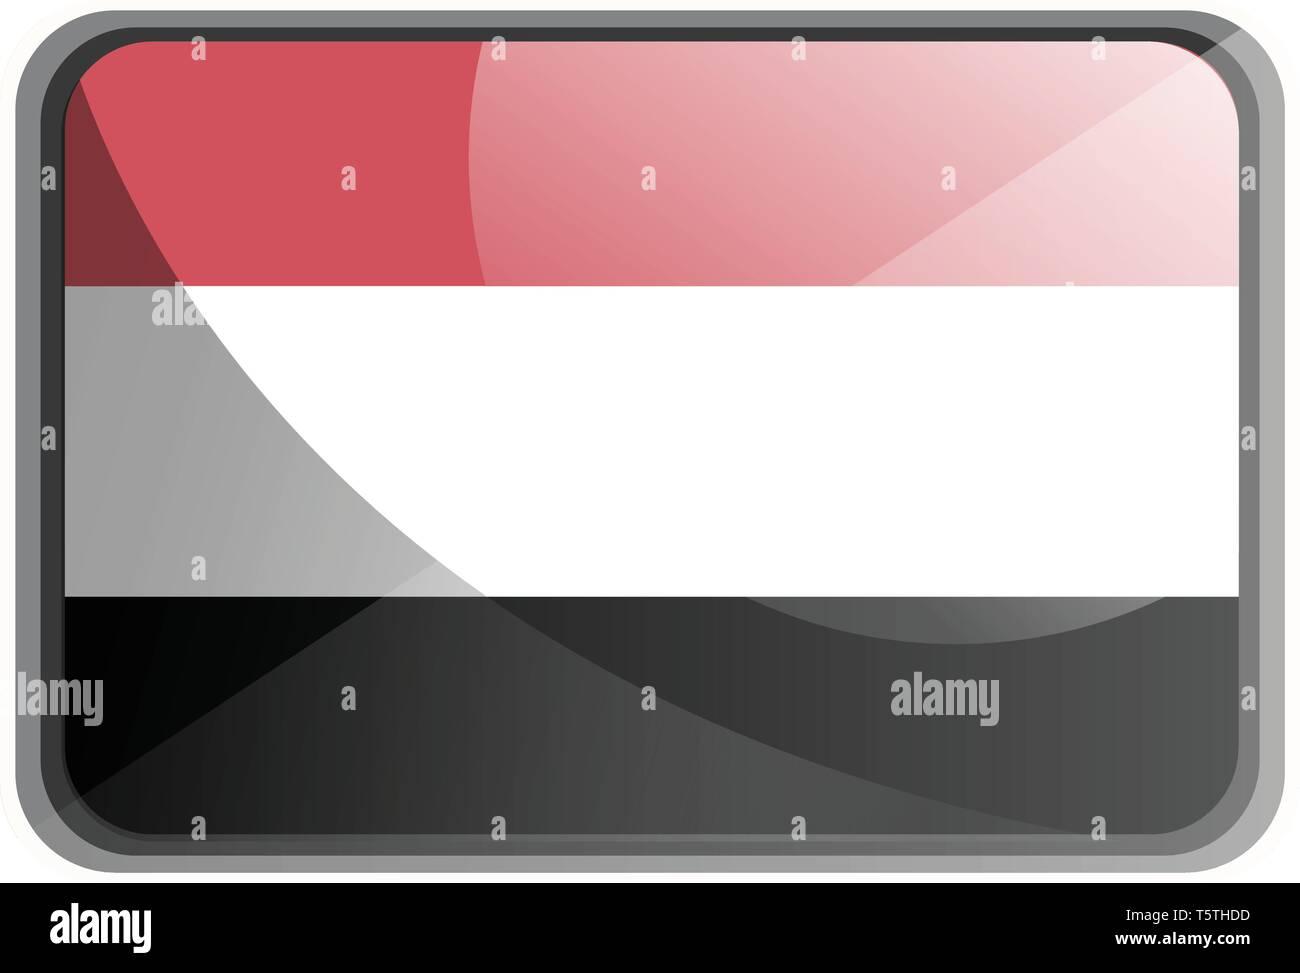 Vector illustration of Yemen flag on white background. - Stock Vector